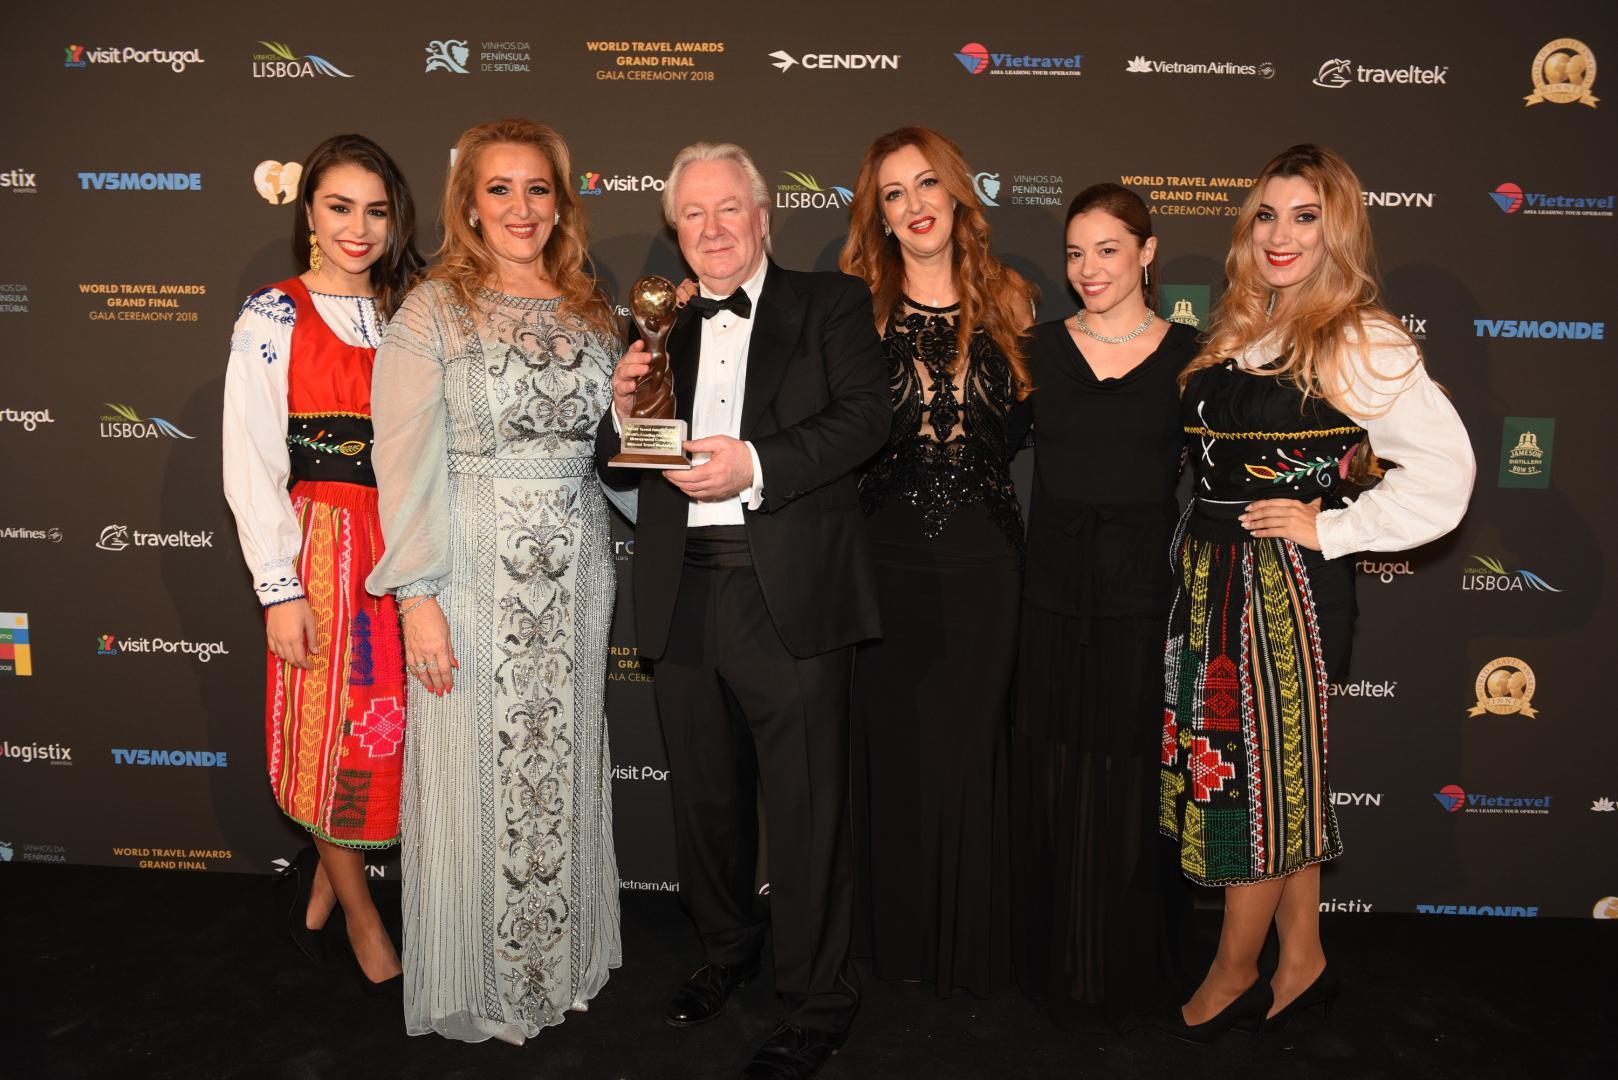 - World Travel Awards